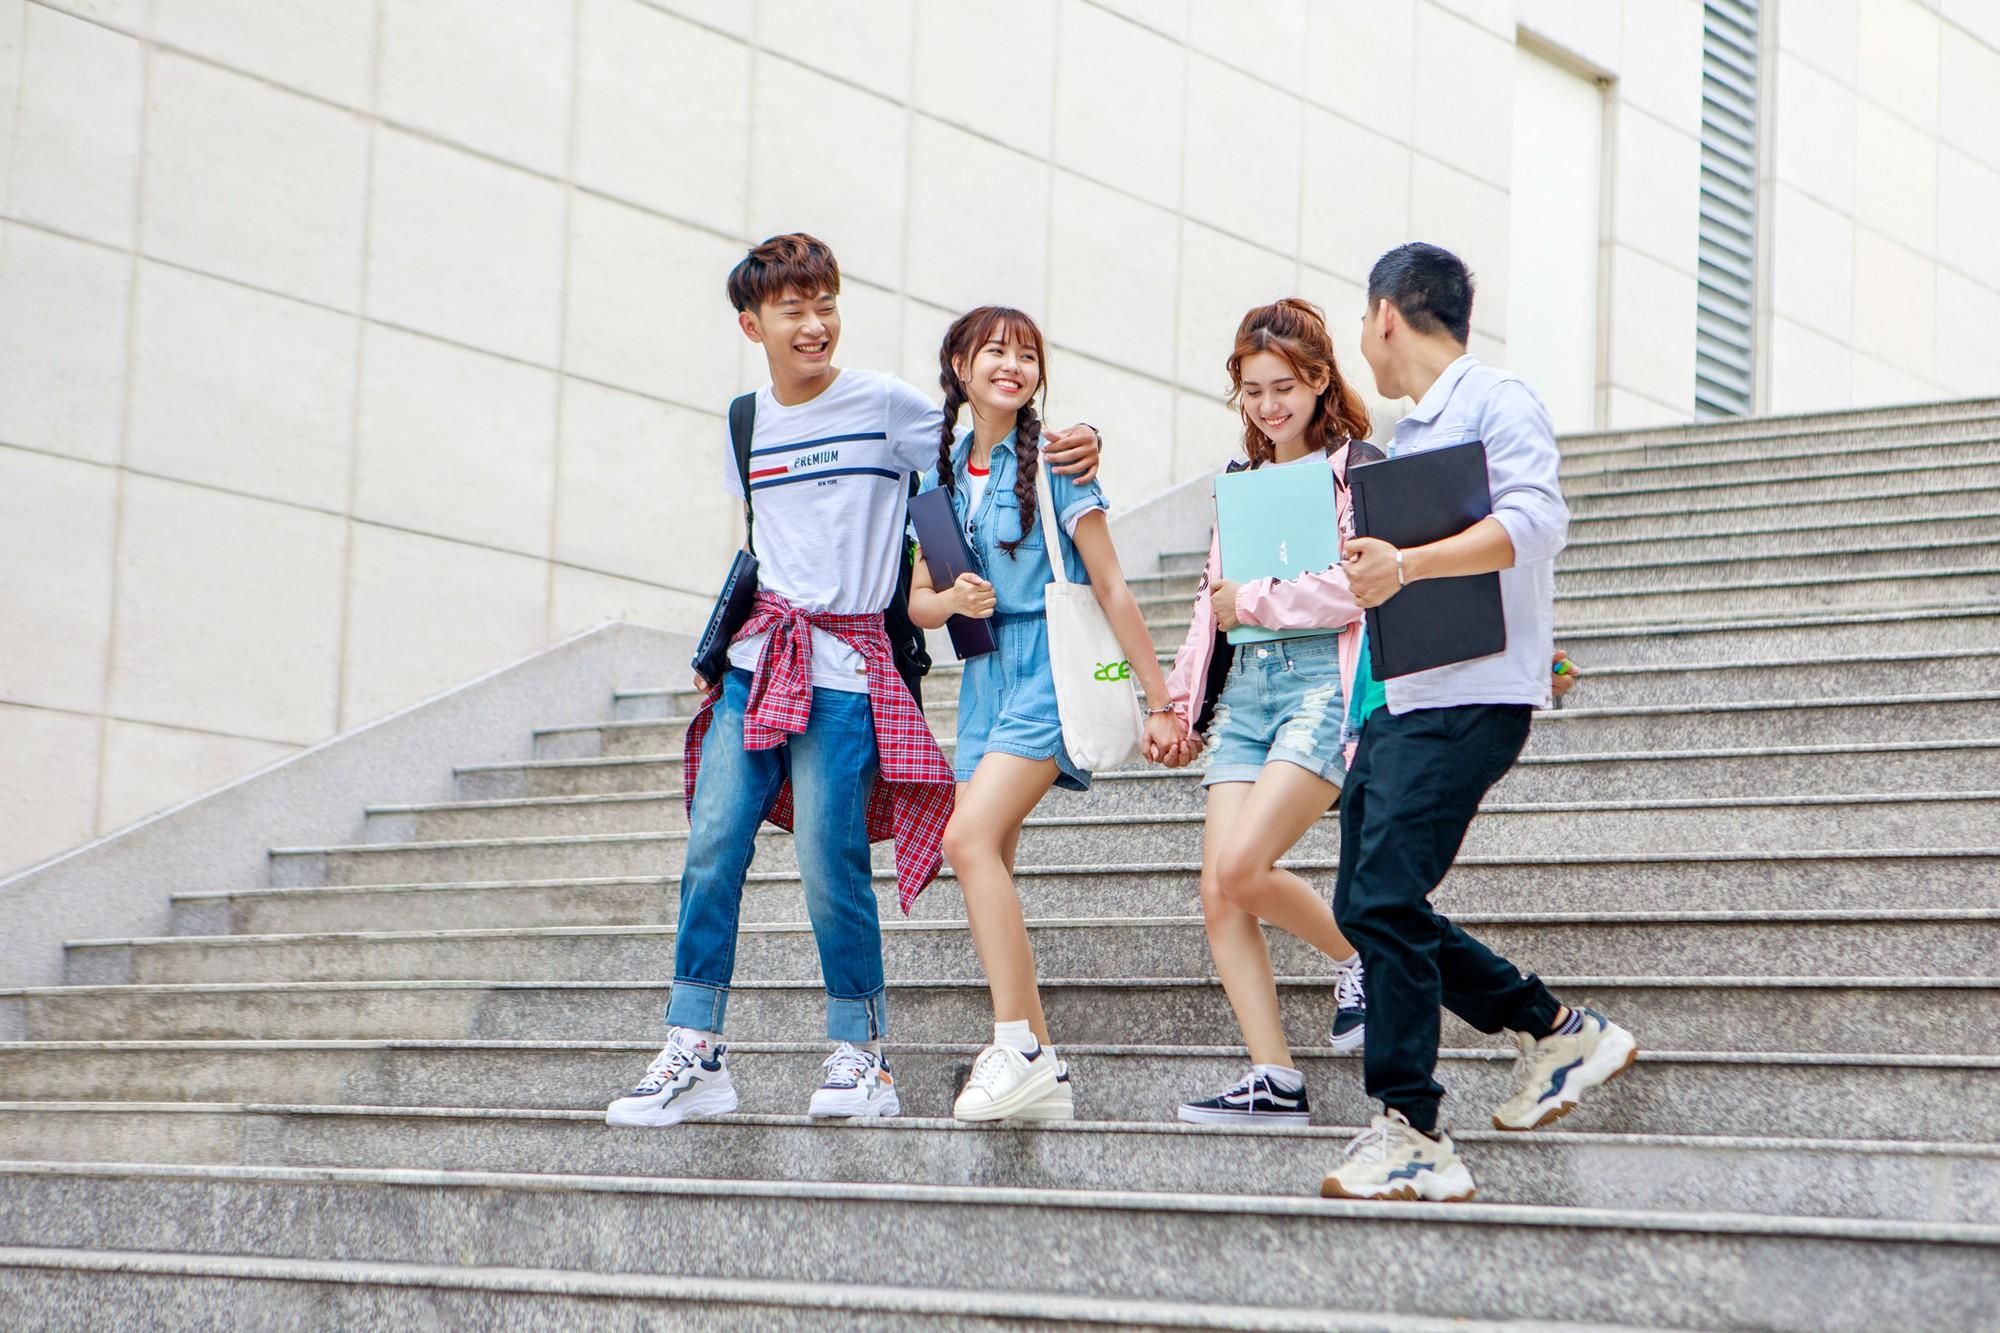 Acer giới thiệu chương trình khuyến mãi lớn nhất trong năm nhân mùa tựu trường Back To School - Ảnh 2.